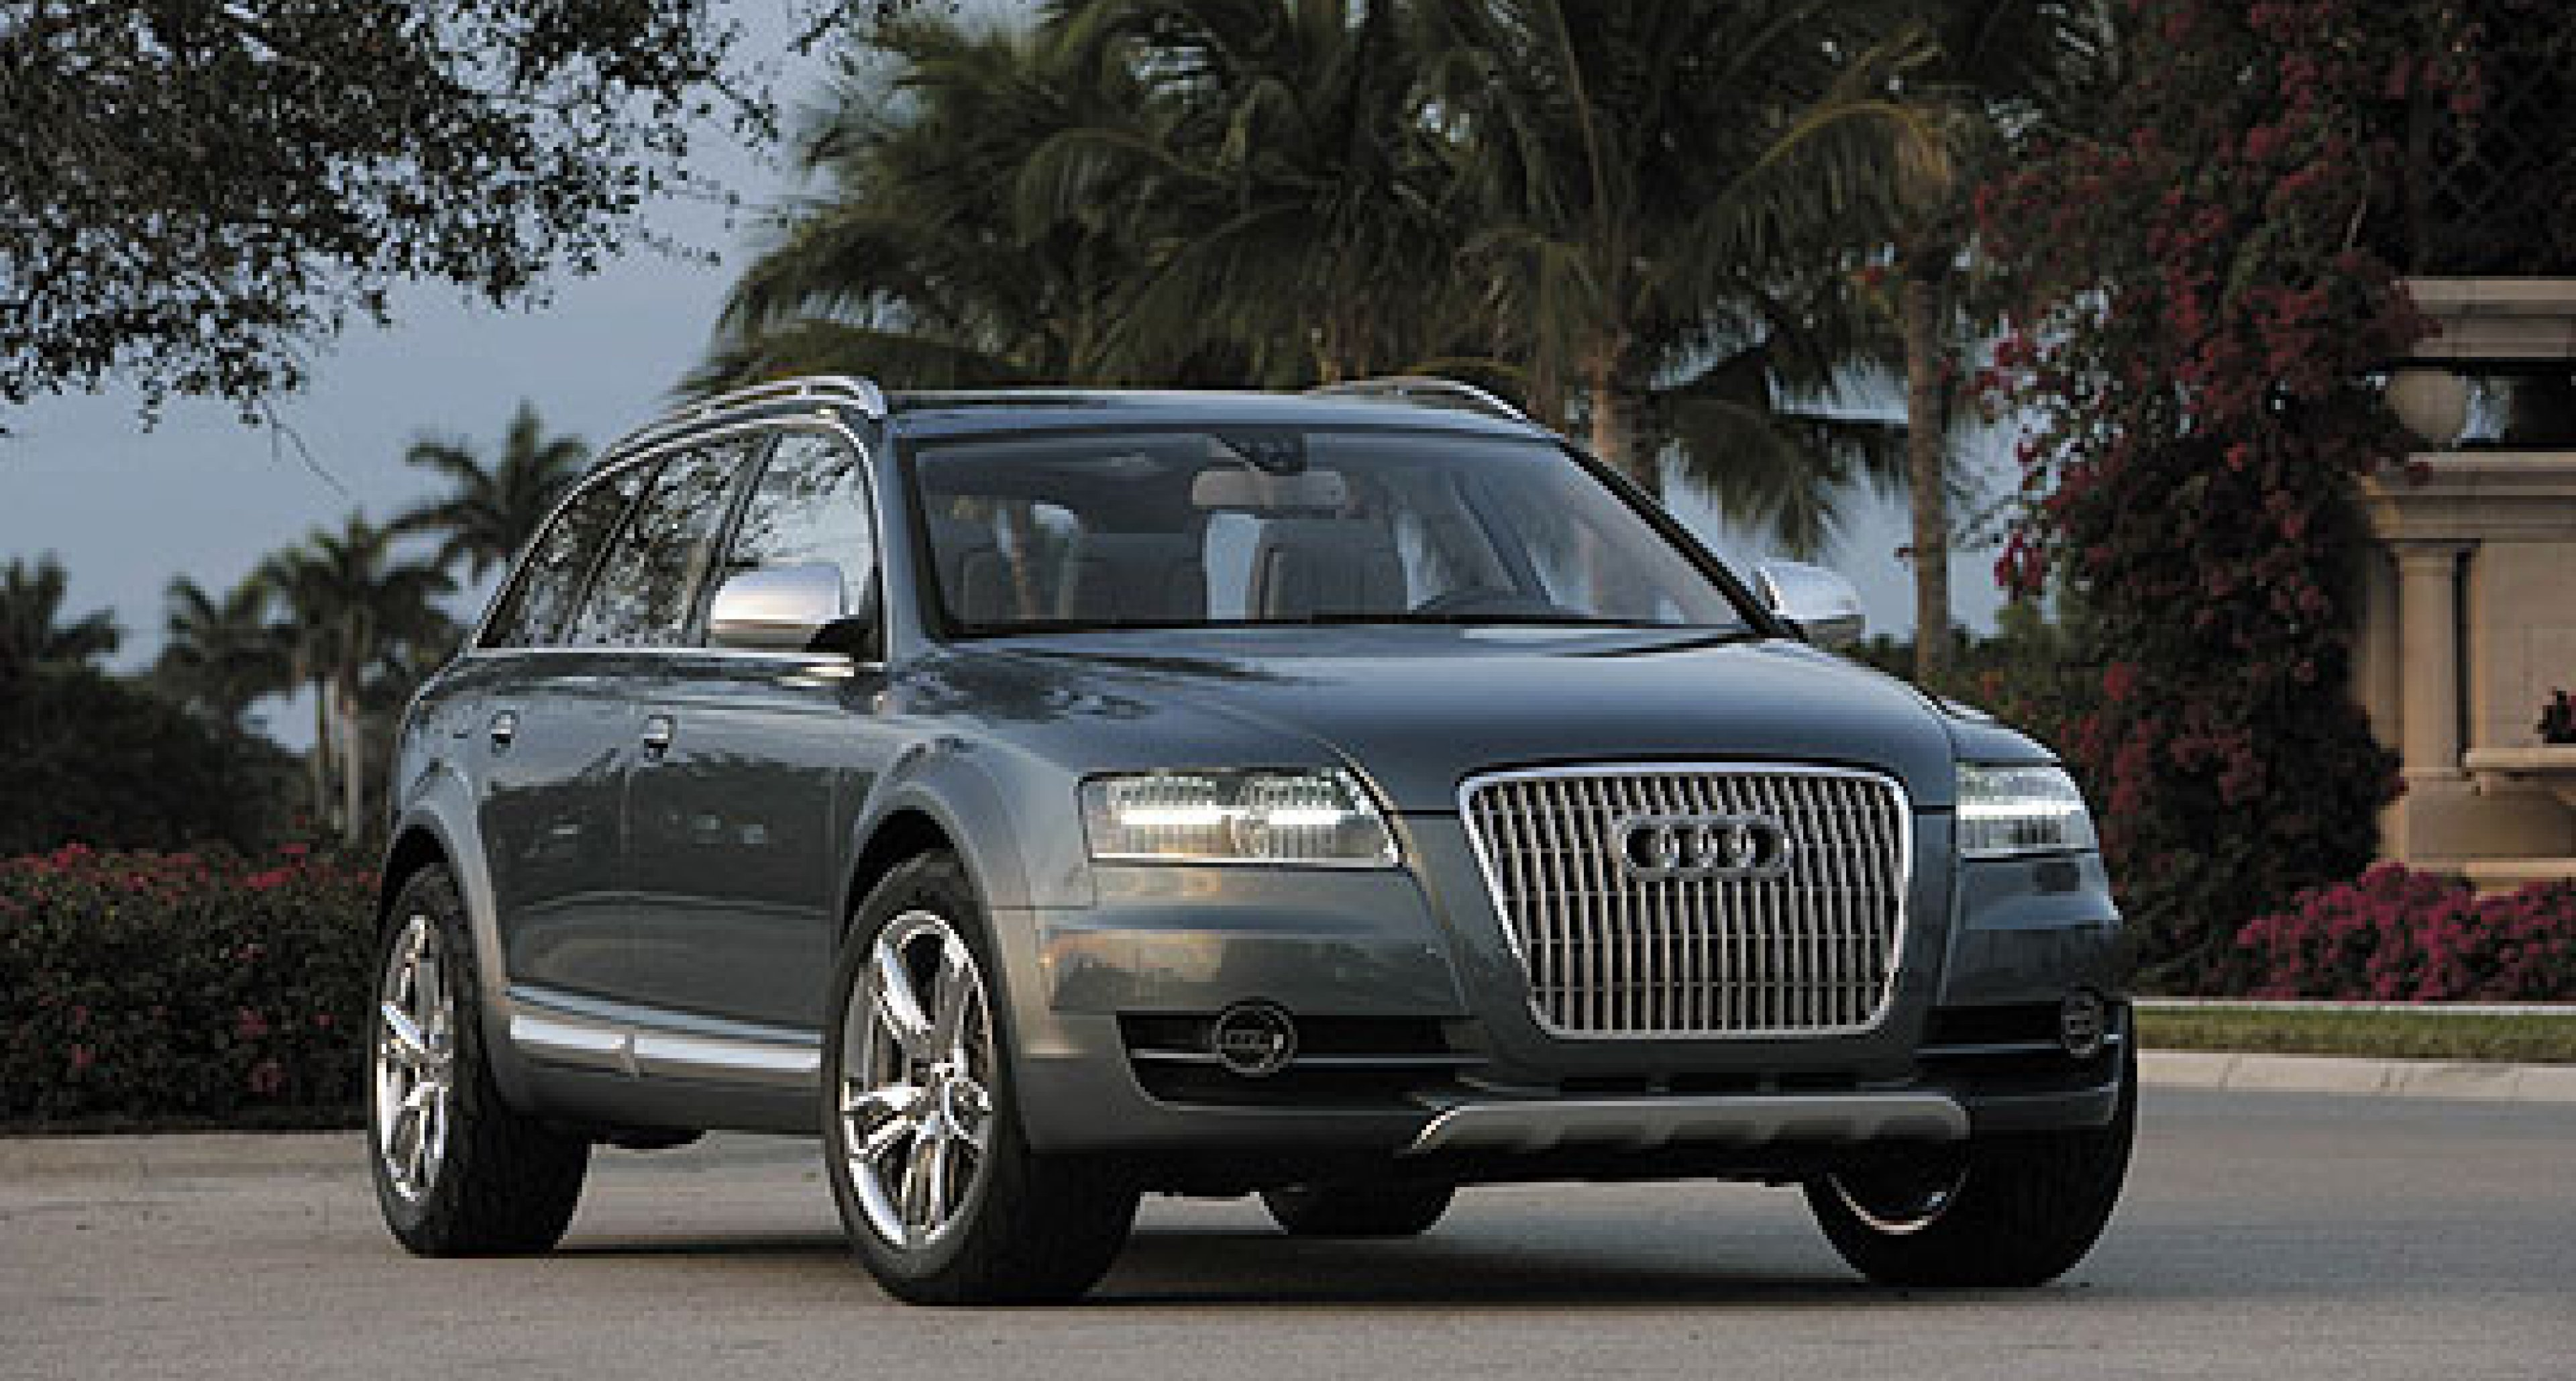 Audi will produce the new Audi A6 allroad quattro